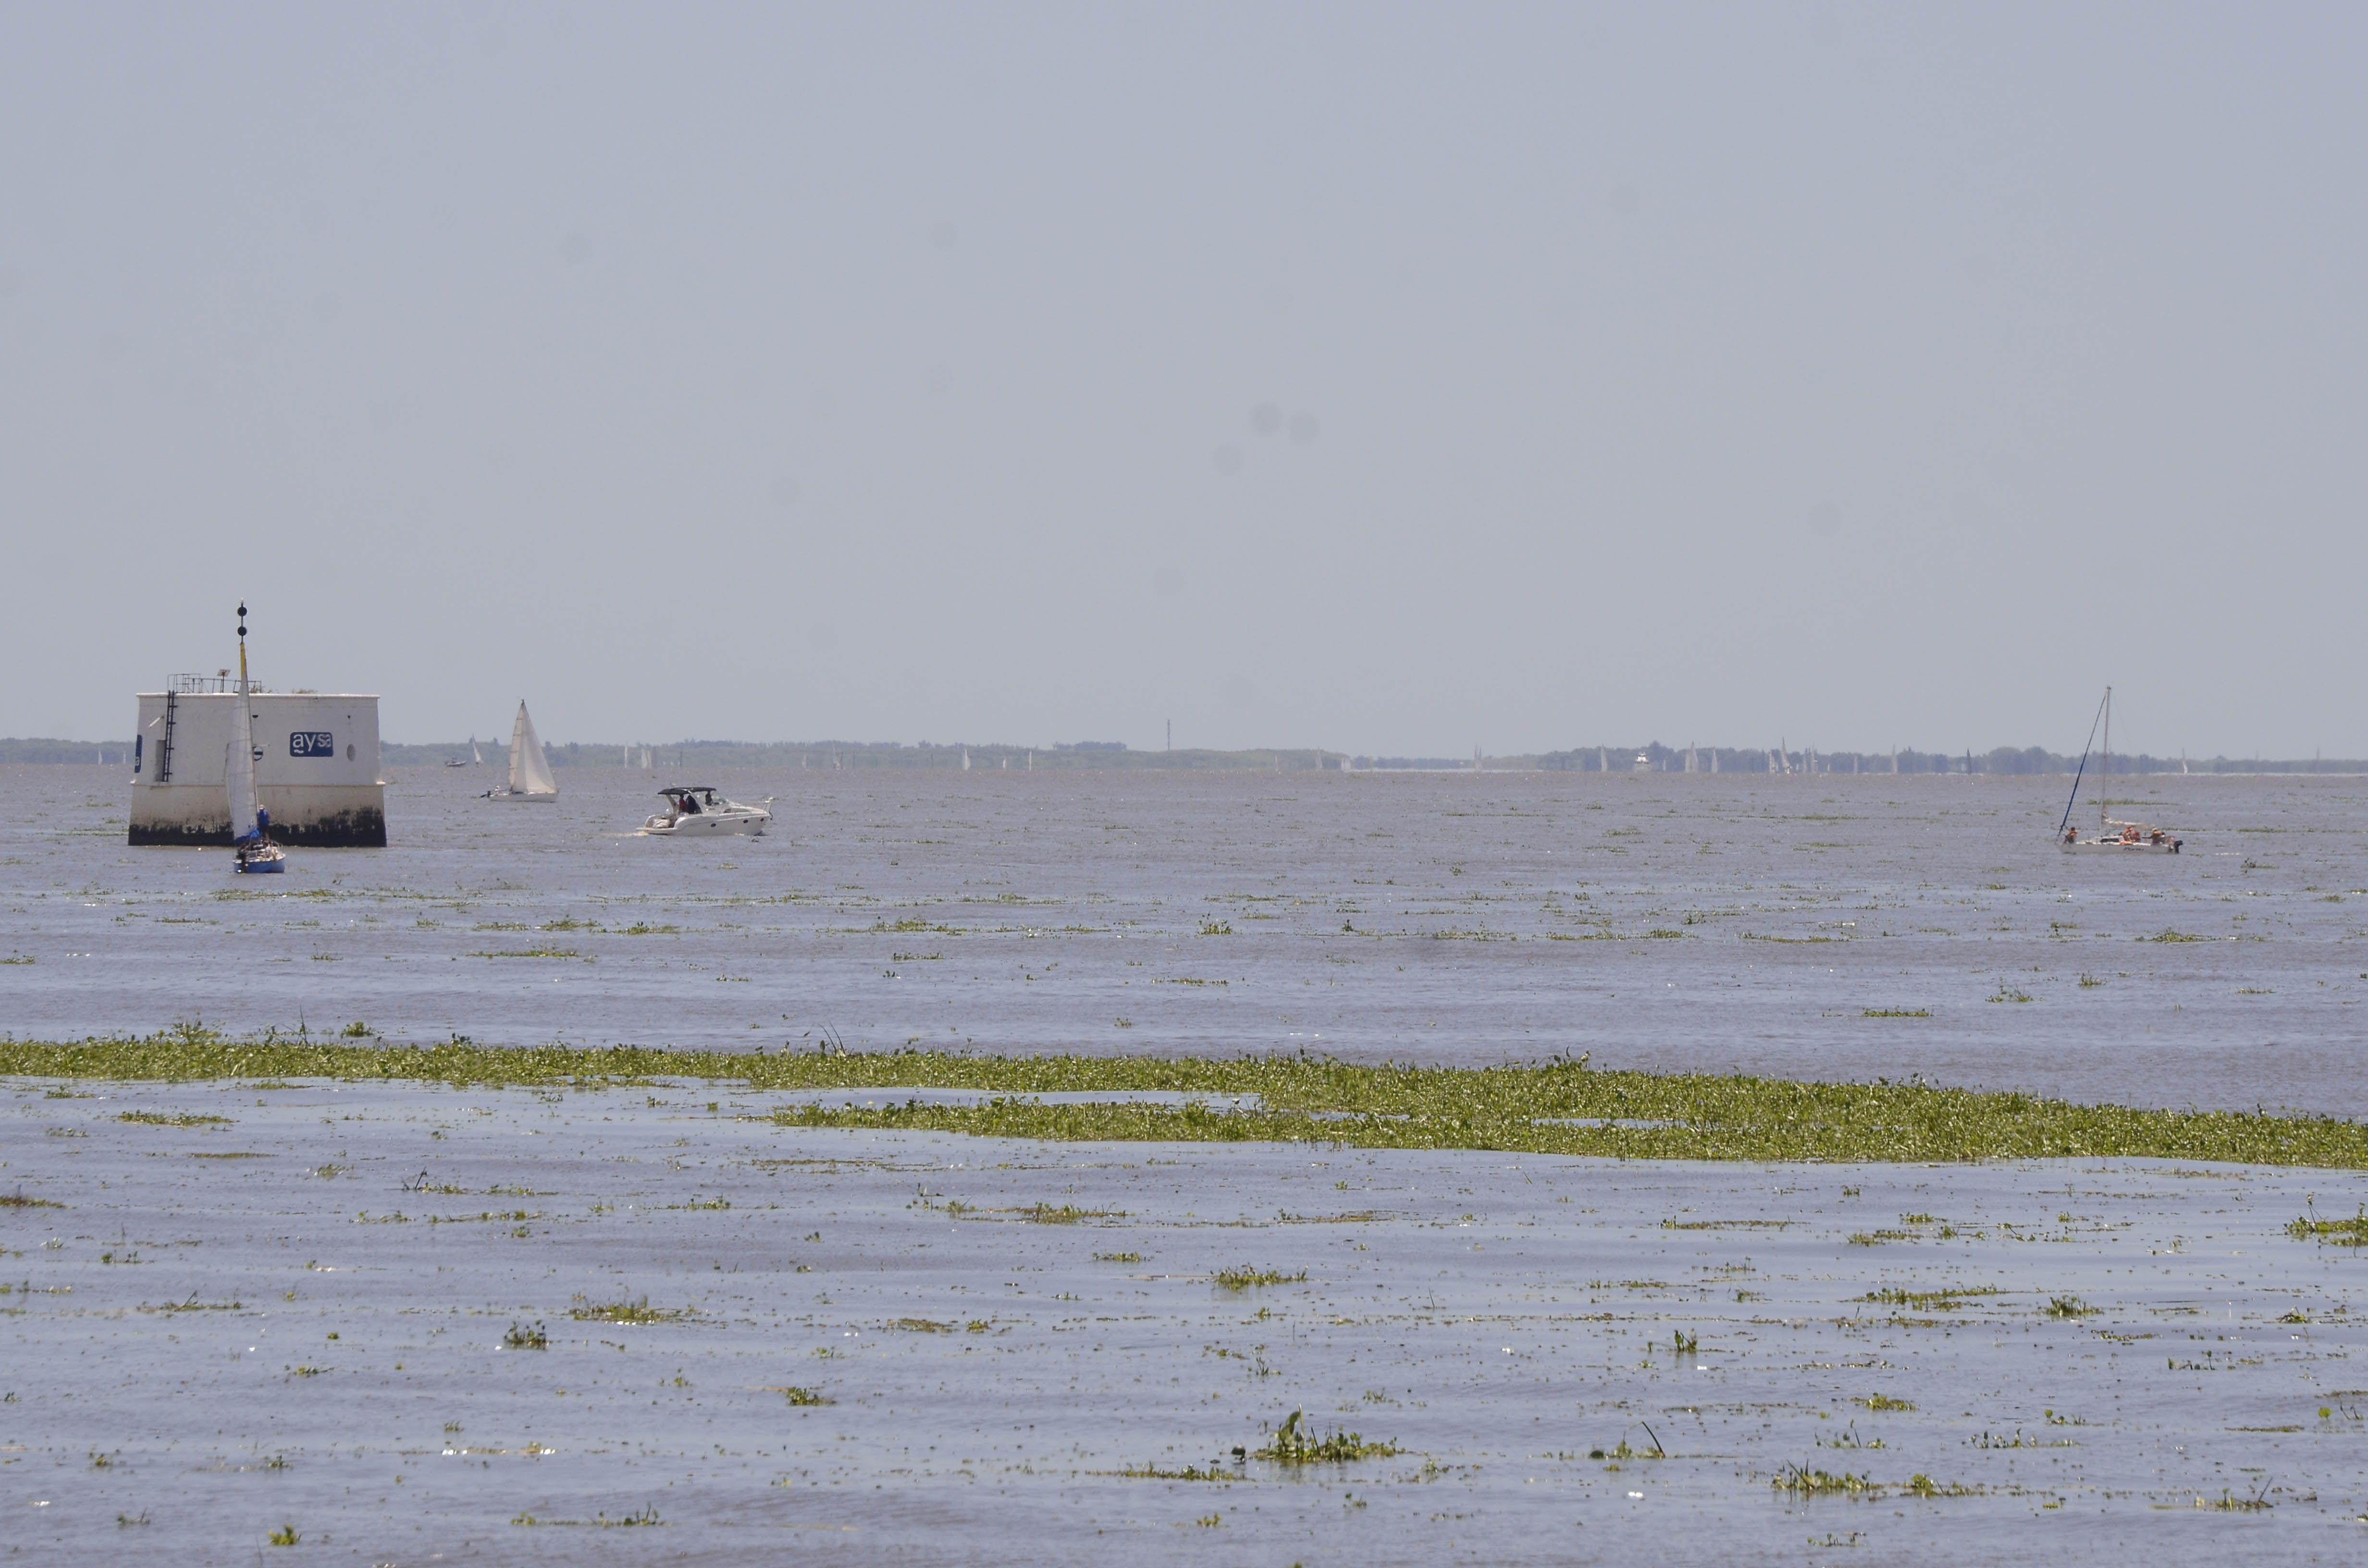 Alerta por crecida del Río de la Plata en la costa de toda el área metropolitana